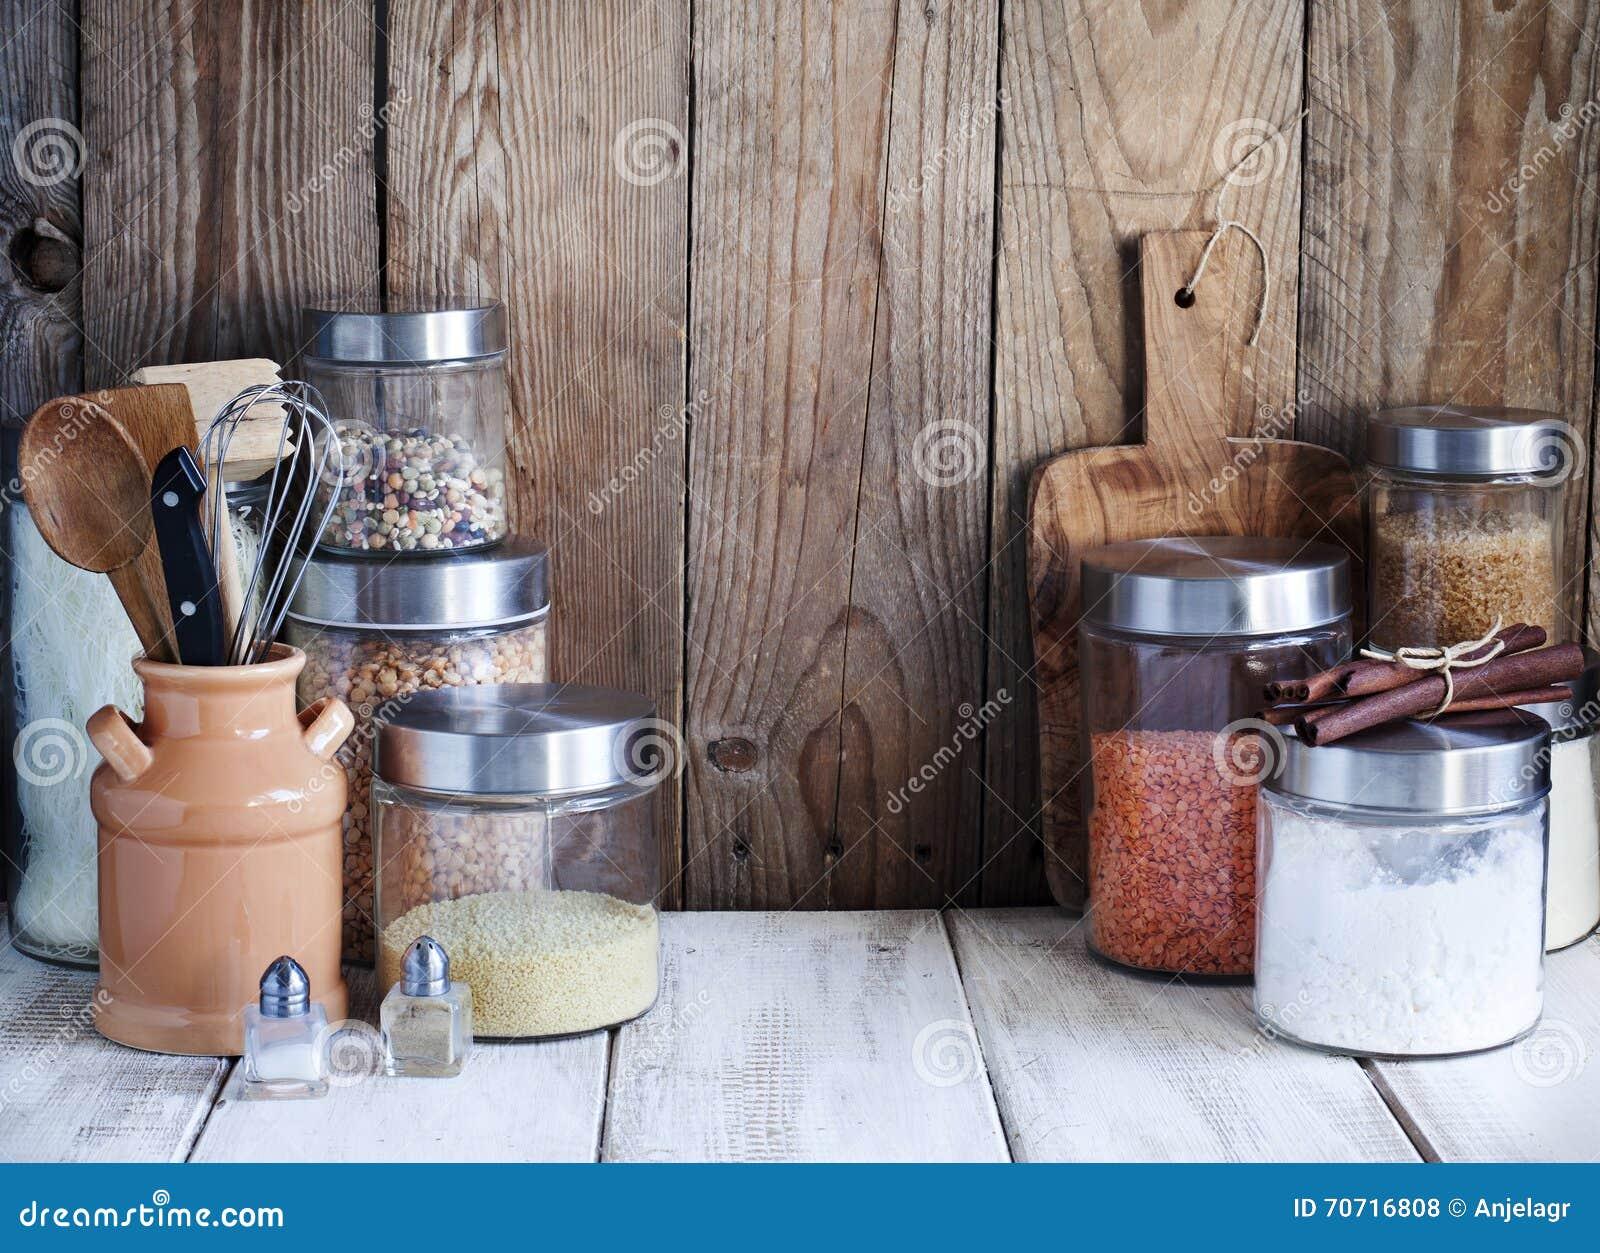 Anordnung Fur Trockene Nahrungsmittel Und Kuchengerate Stockfoto Bild Von Trockene Anordnung 70716808